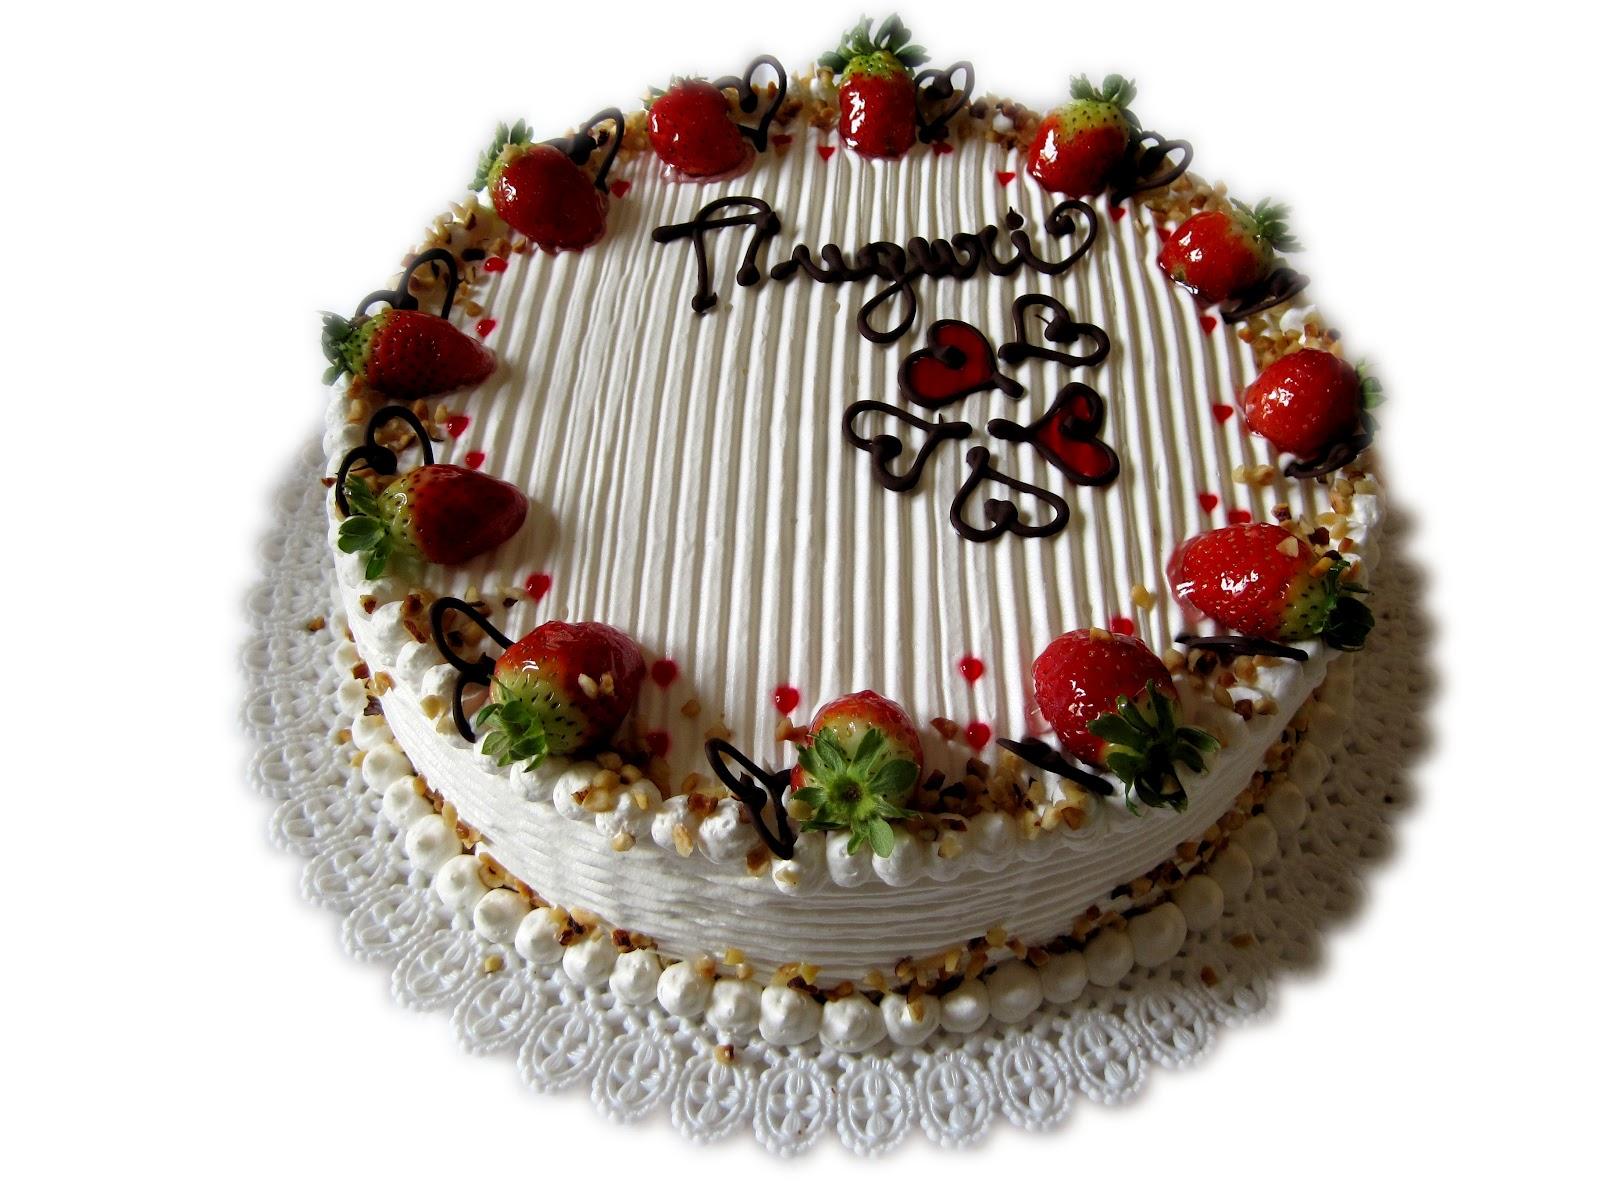 Torte decorate con panna coolsugarcake for Decorazioni torte con fragole e cioccolato